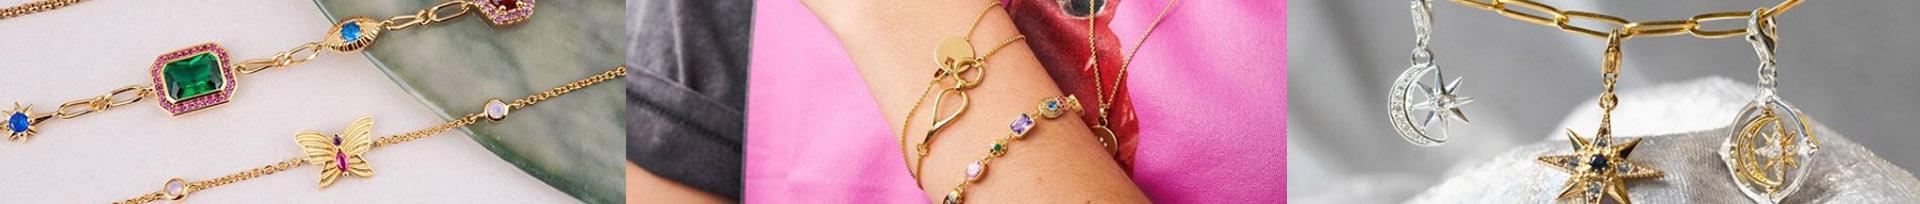 bracelet-category-banner1.jpg